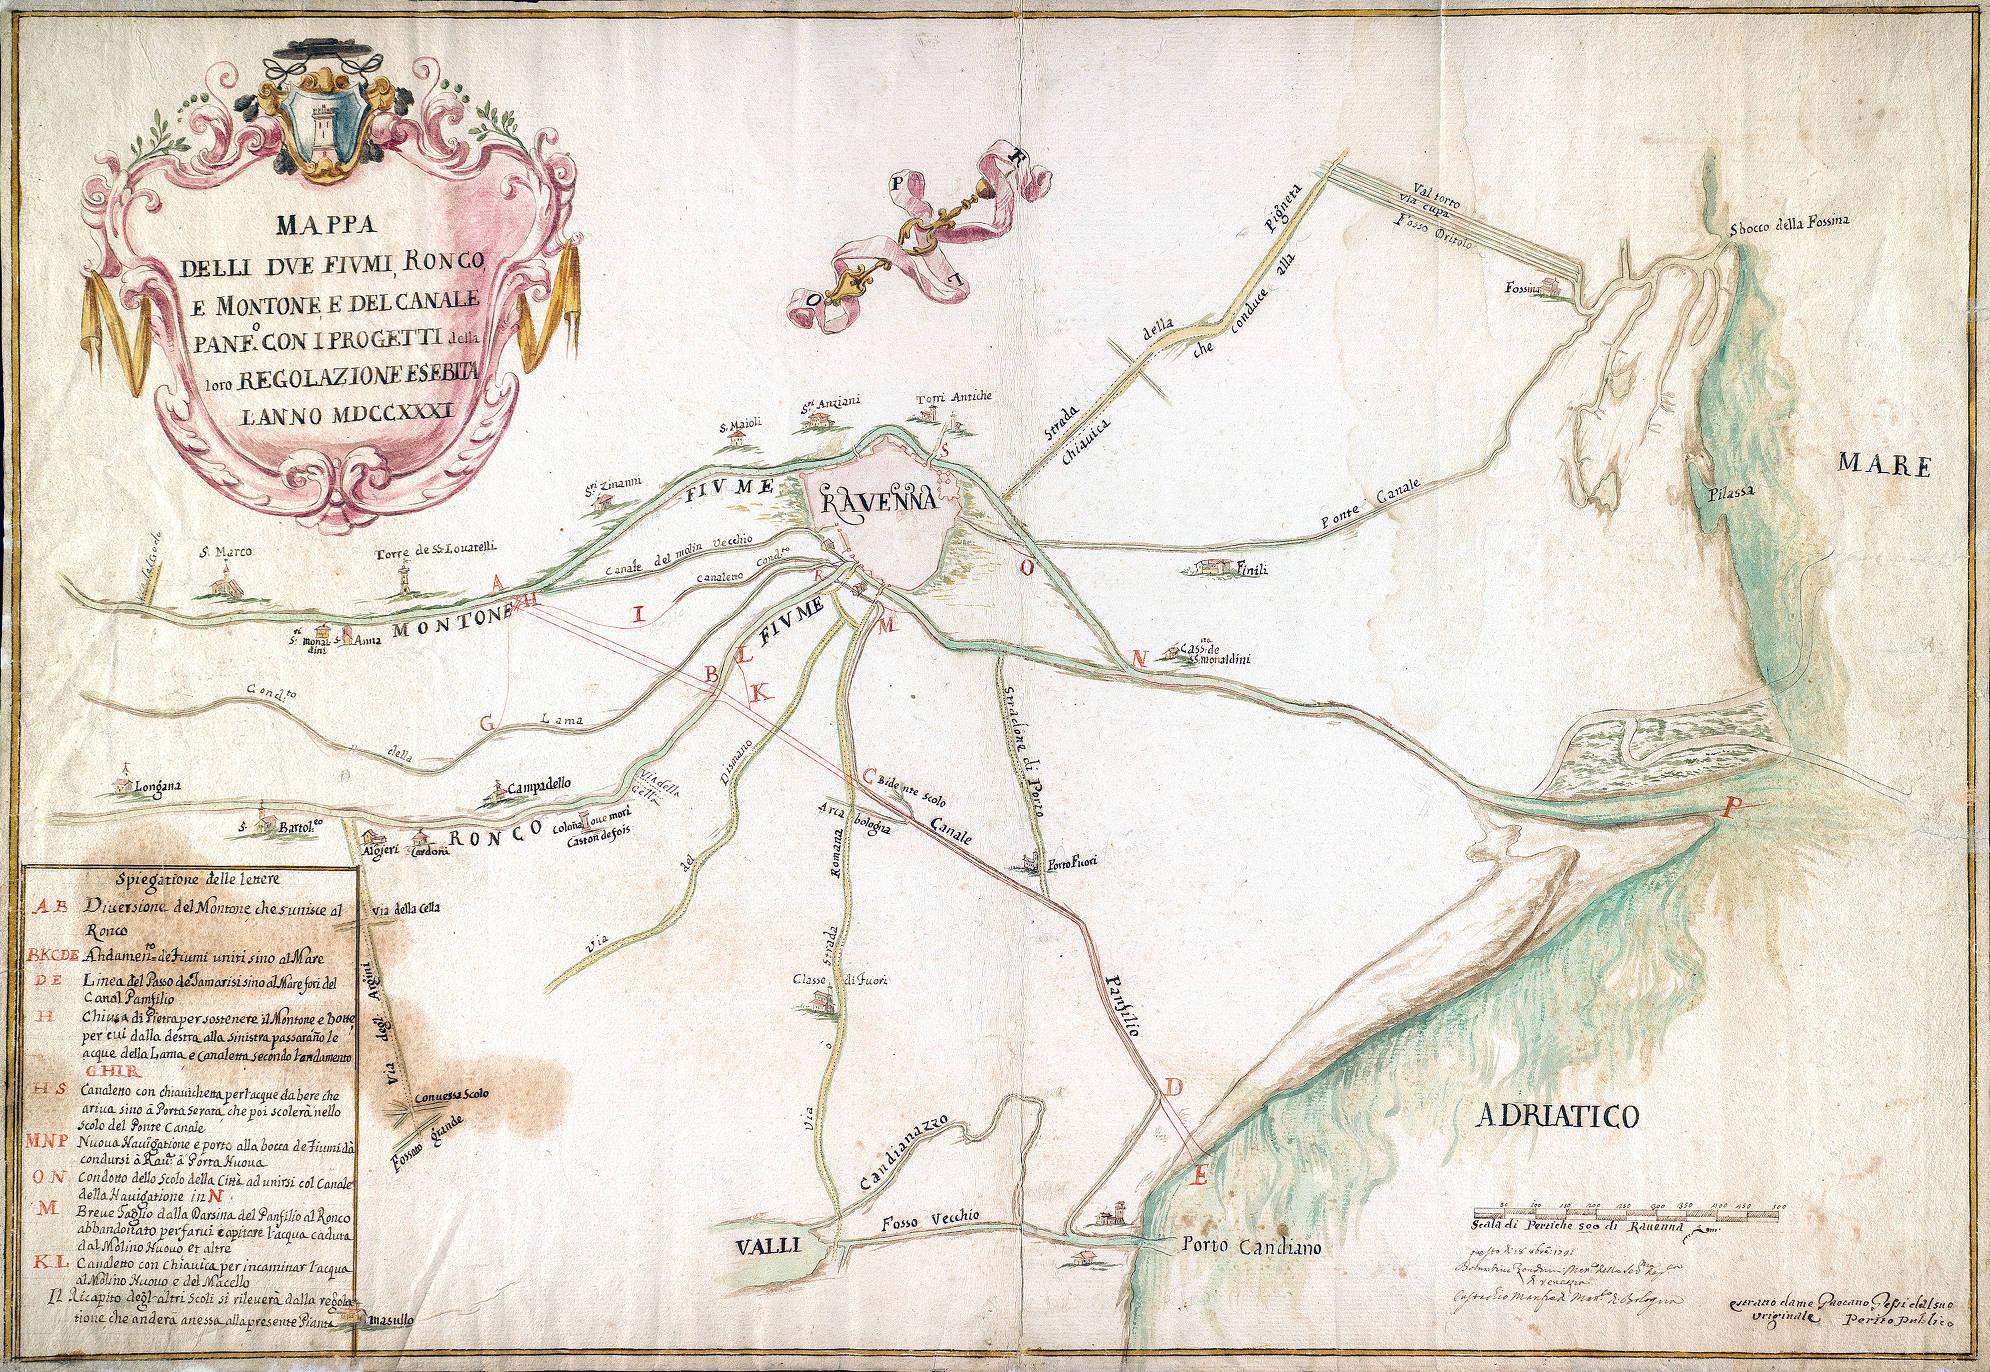 Mappa delli due fiumi Ronco e Montone e del Canale Panfilio con i progetti del di loro regolamento proposto l'anno 1731 autori: Bernardino Zendrini e Eustachio Manfredi autore secondario: Tommaso Zelingher data: 1731